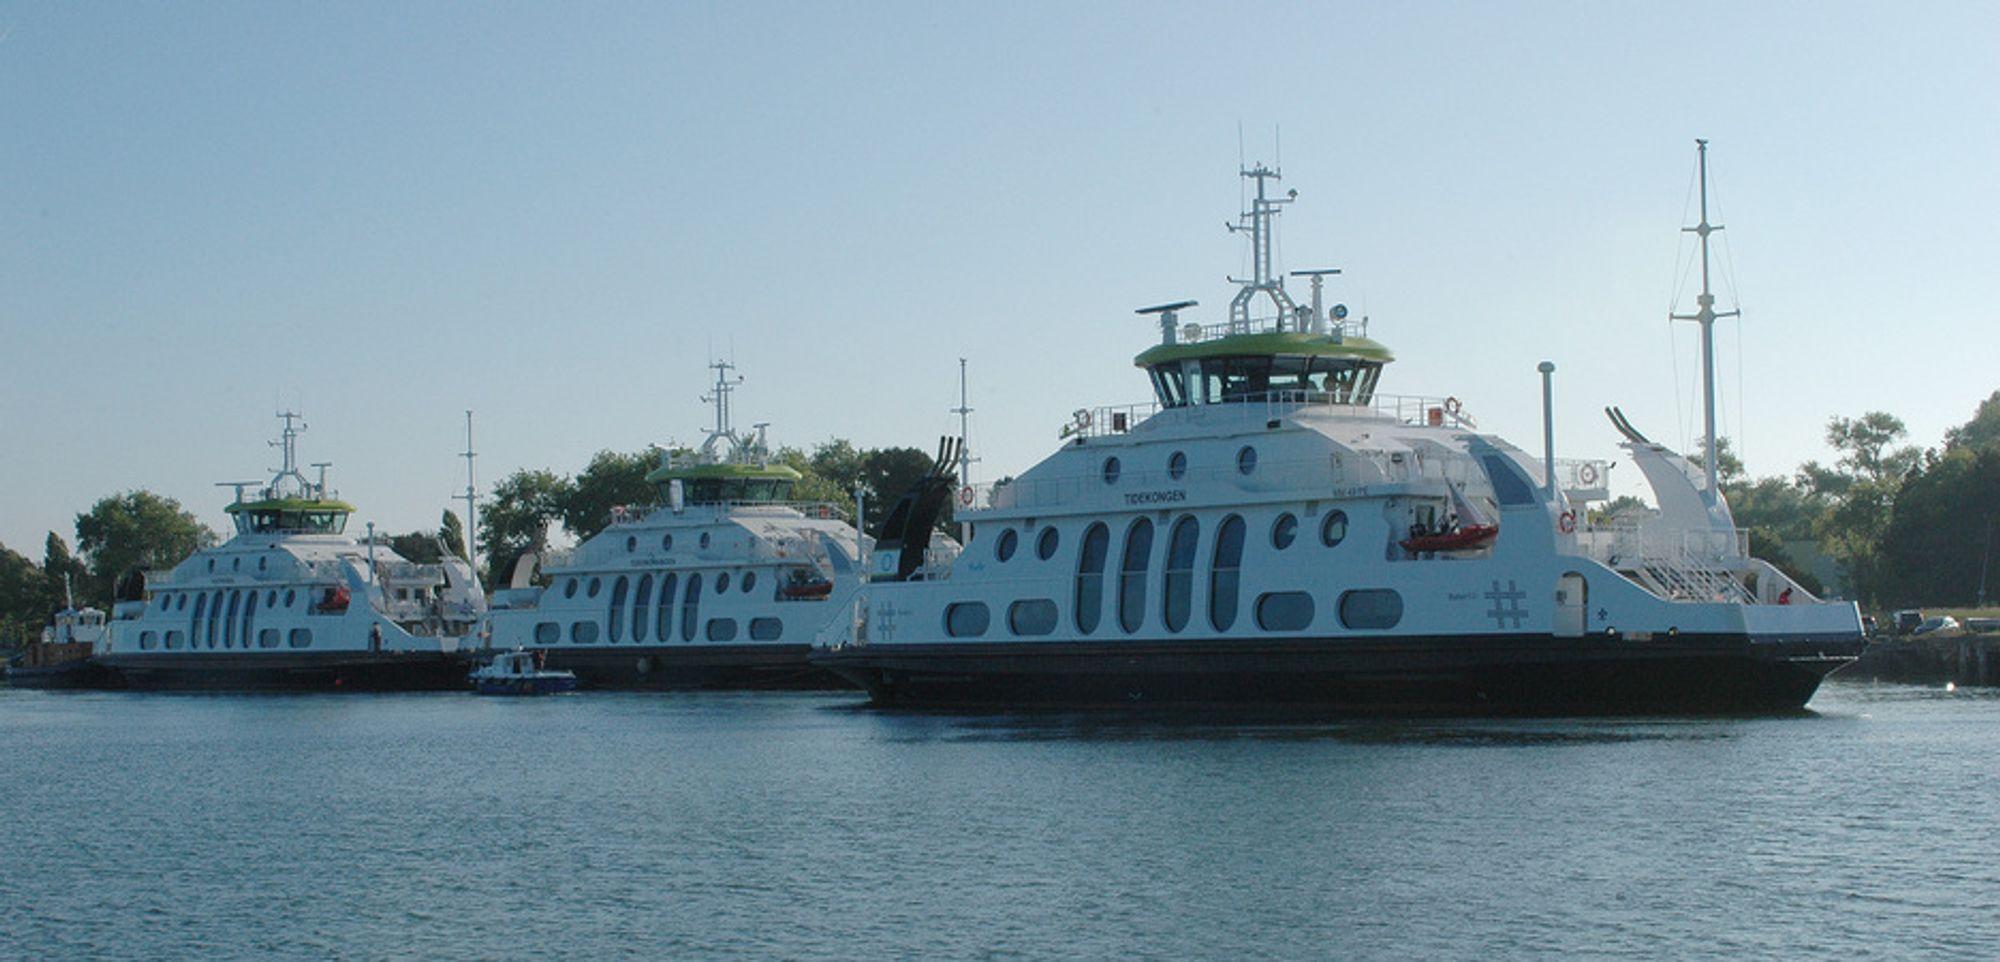 De tre LNG-drevne passasjerfergene Tidekongen, Tidedronningen og  Tideprinsen. Hvert år frakter de ca. 2,6 millioner passasjerer på ruten  Nesodden-Aker Brygge i Oslo.